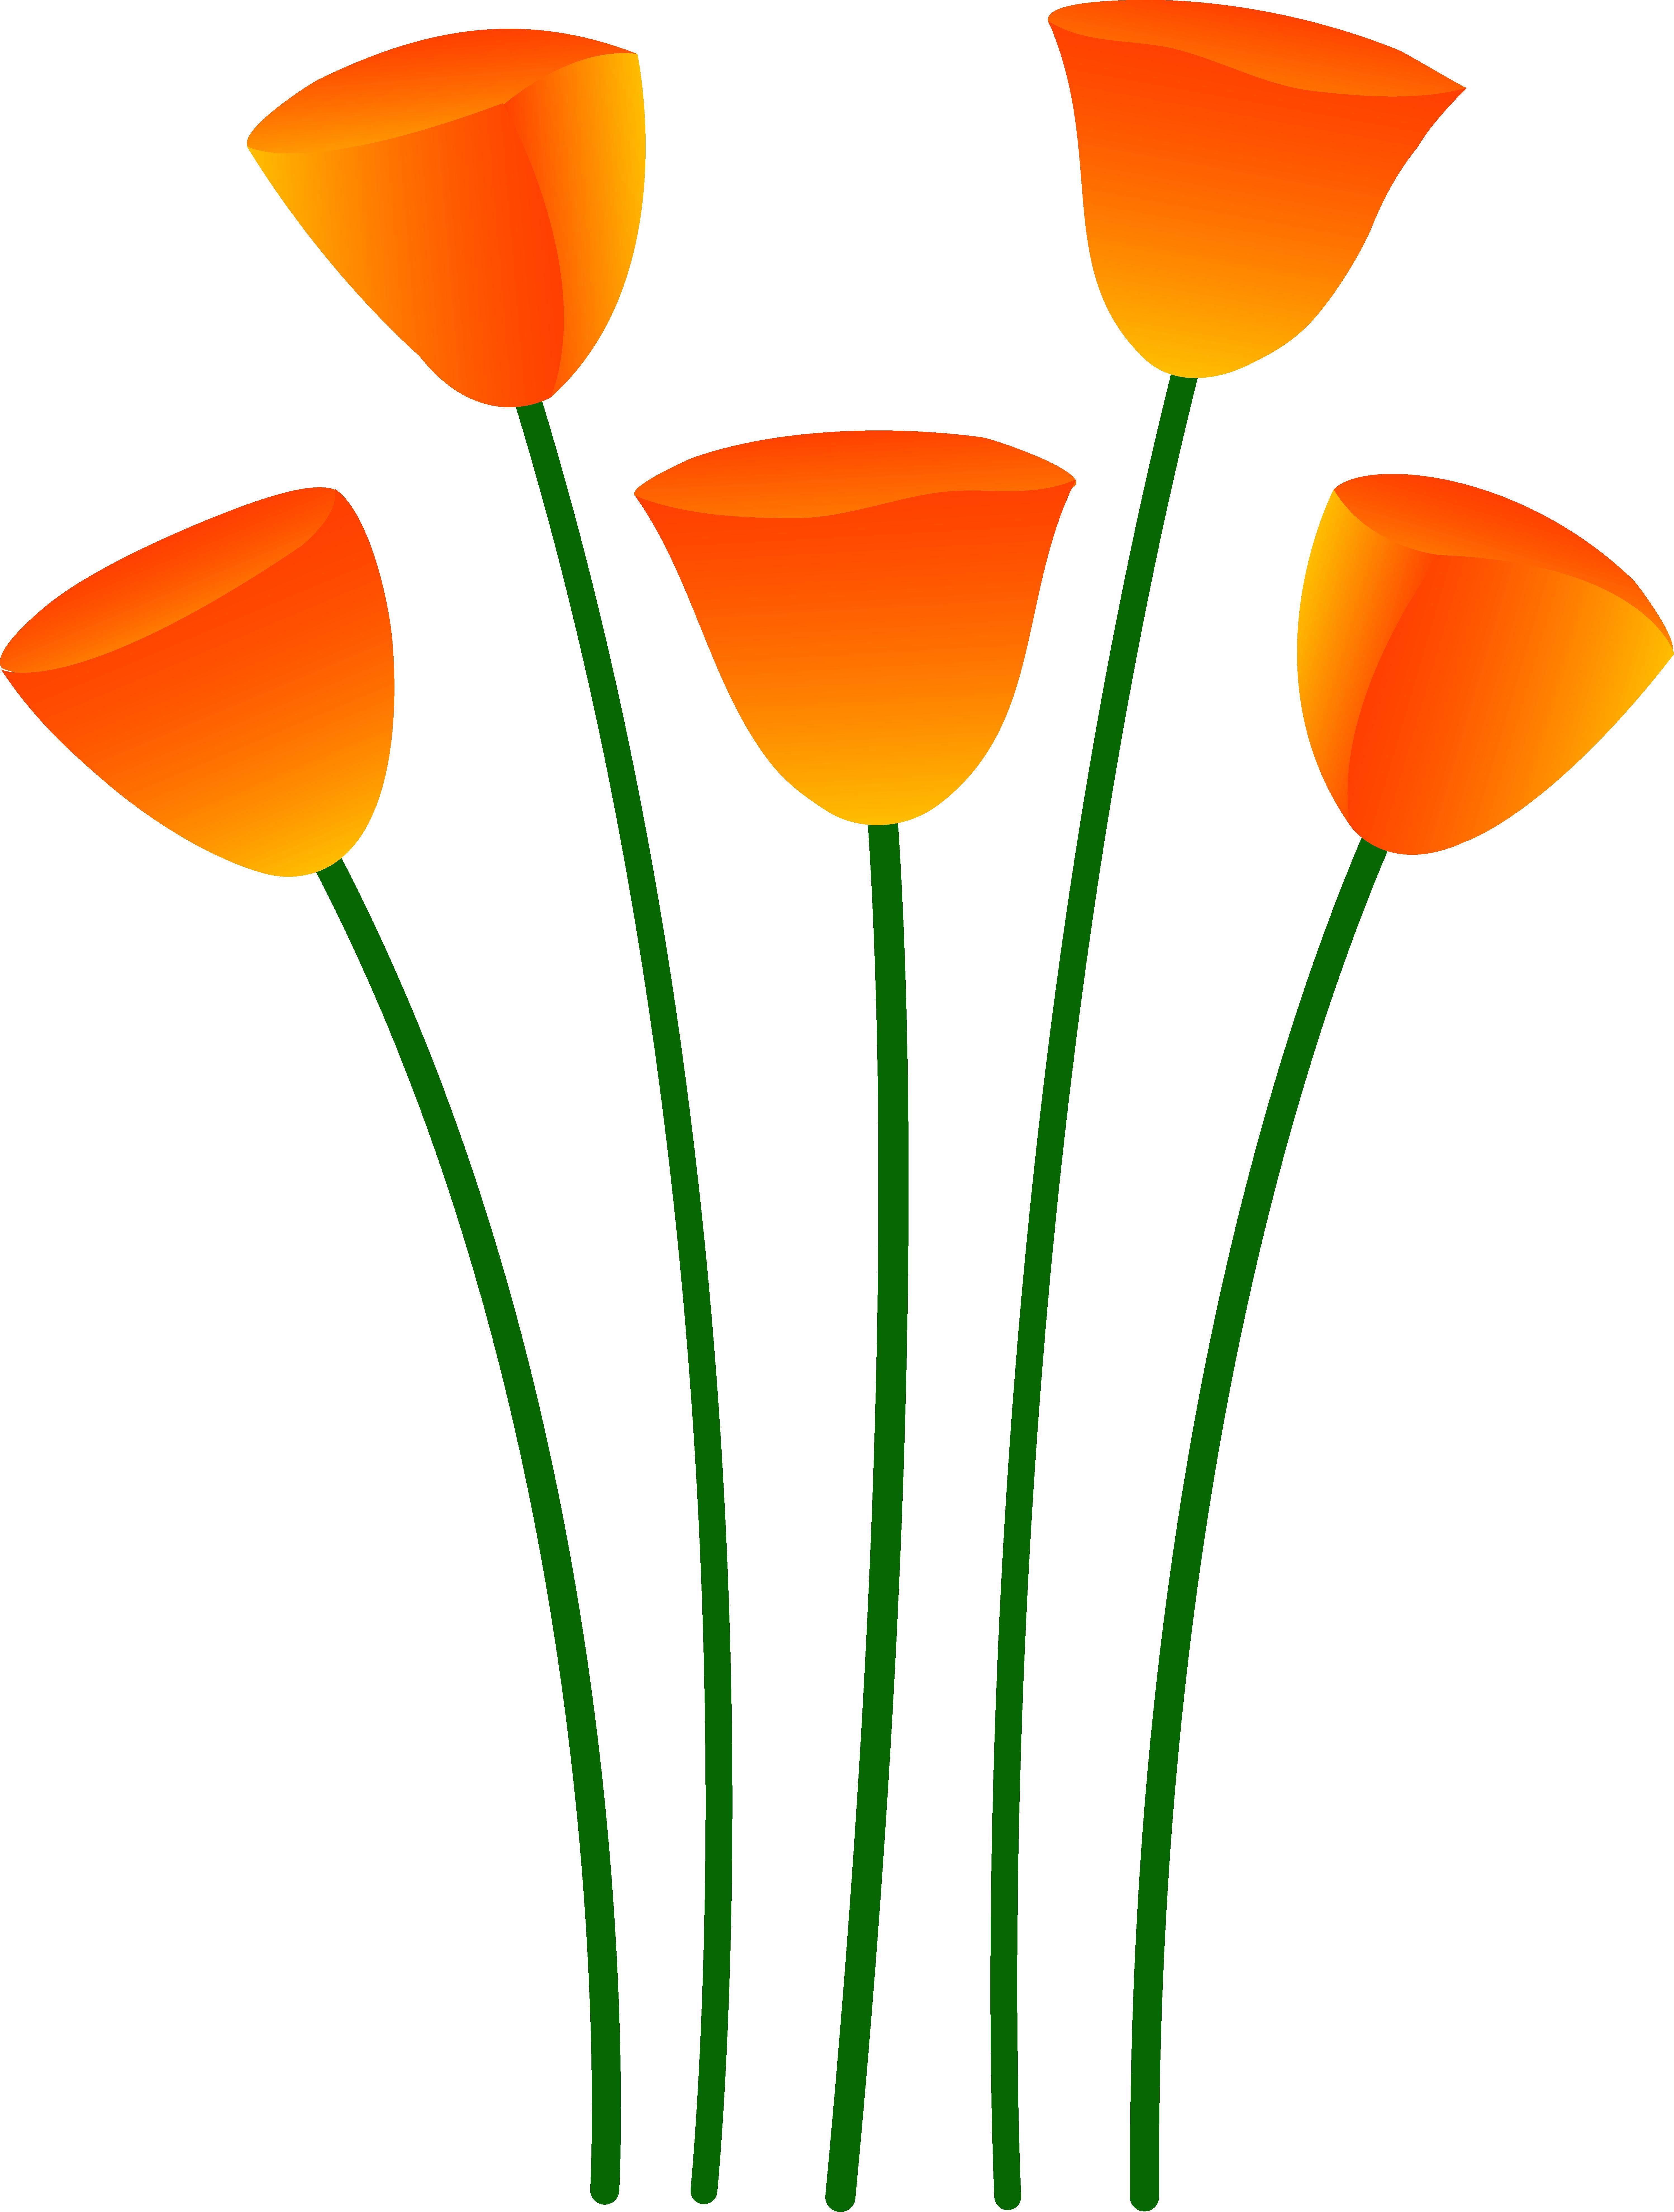 5992x7919 Orange Poppy Flowers